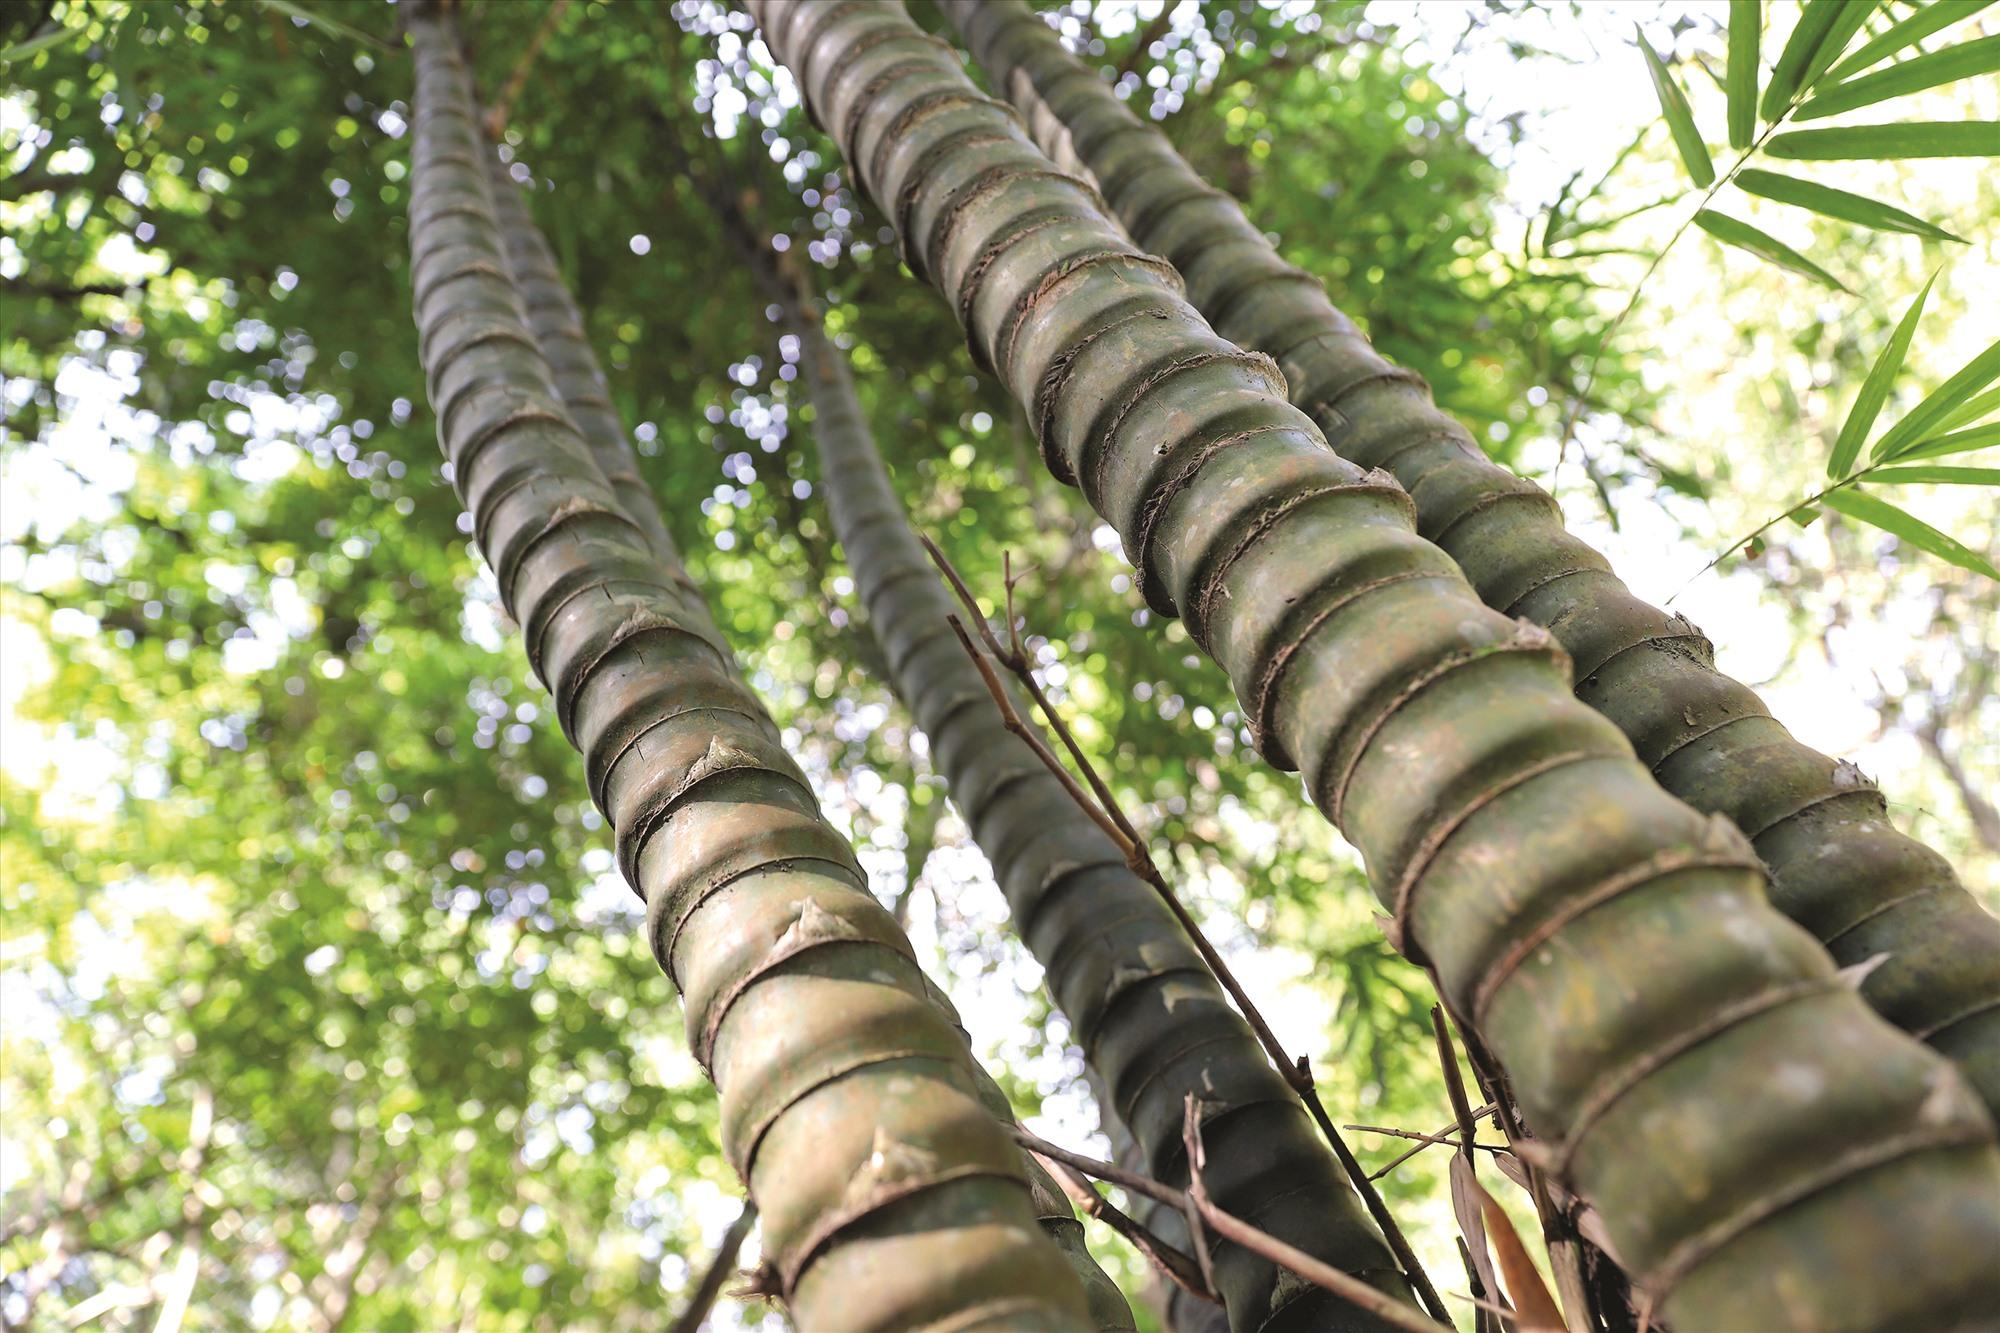 Tre bụng phật, một loài được thầy Tường ươm trồng từ những ngày đầu tiên mở vườn bảo tồn tre, trúc.